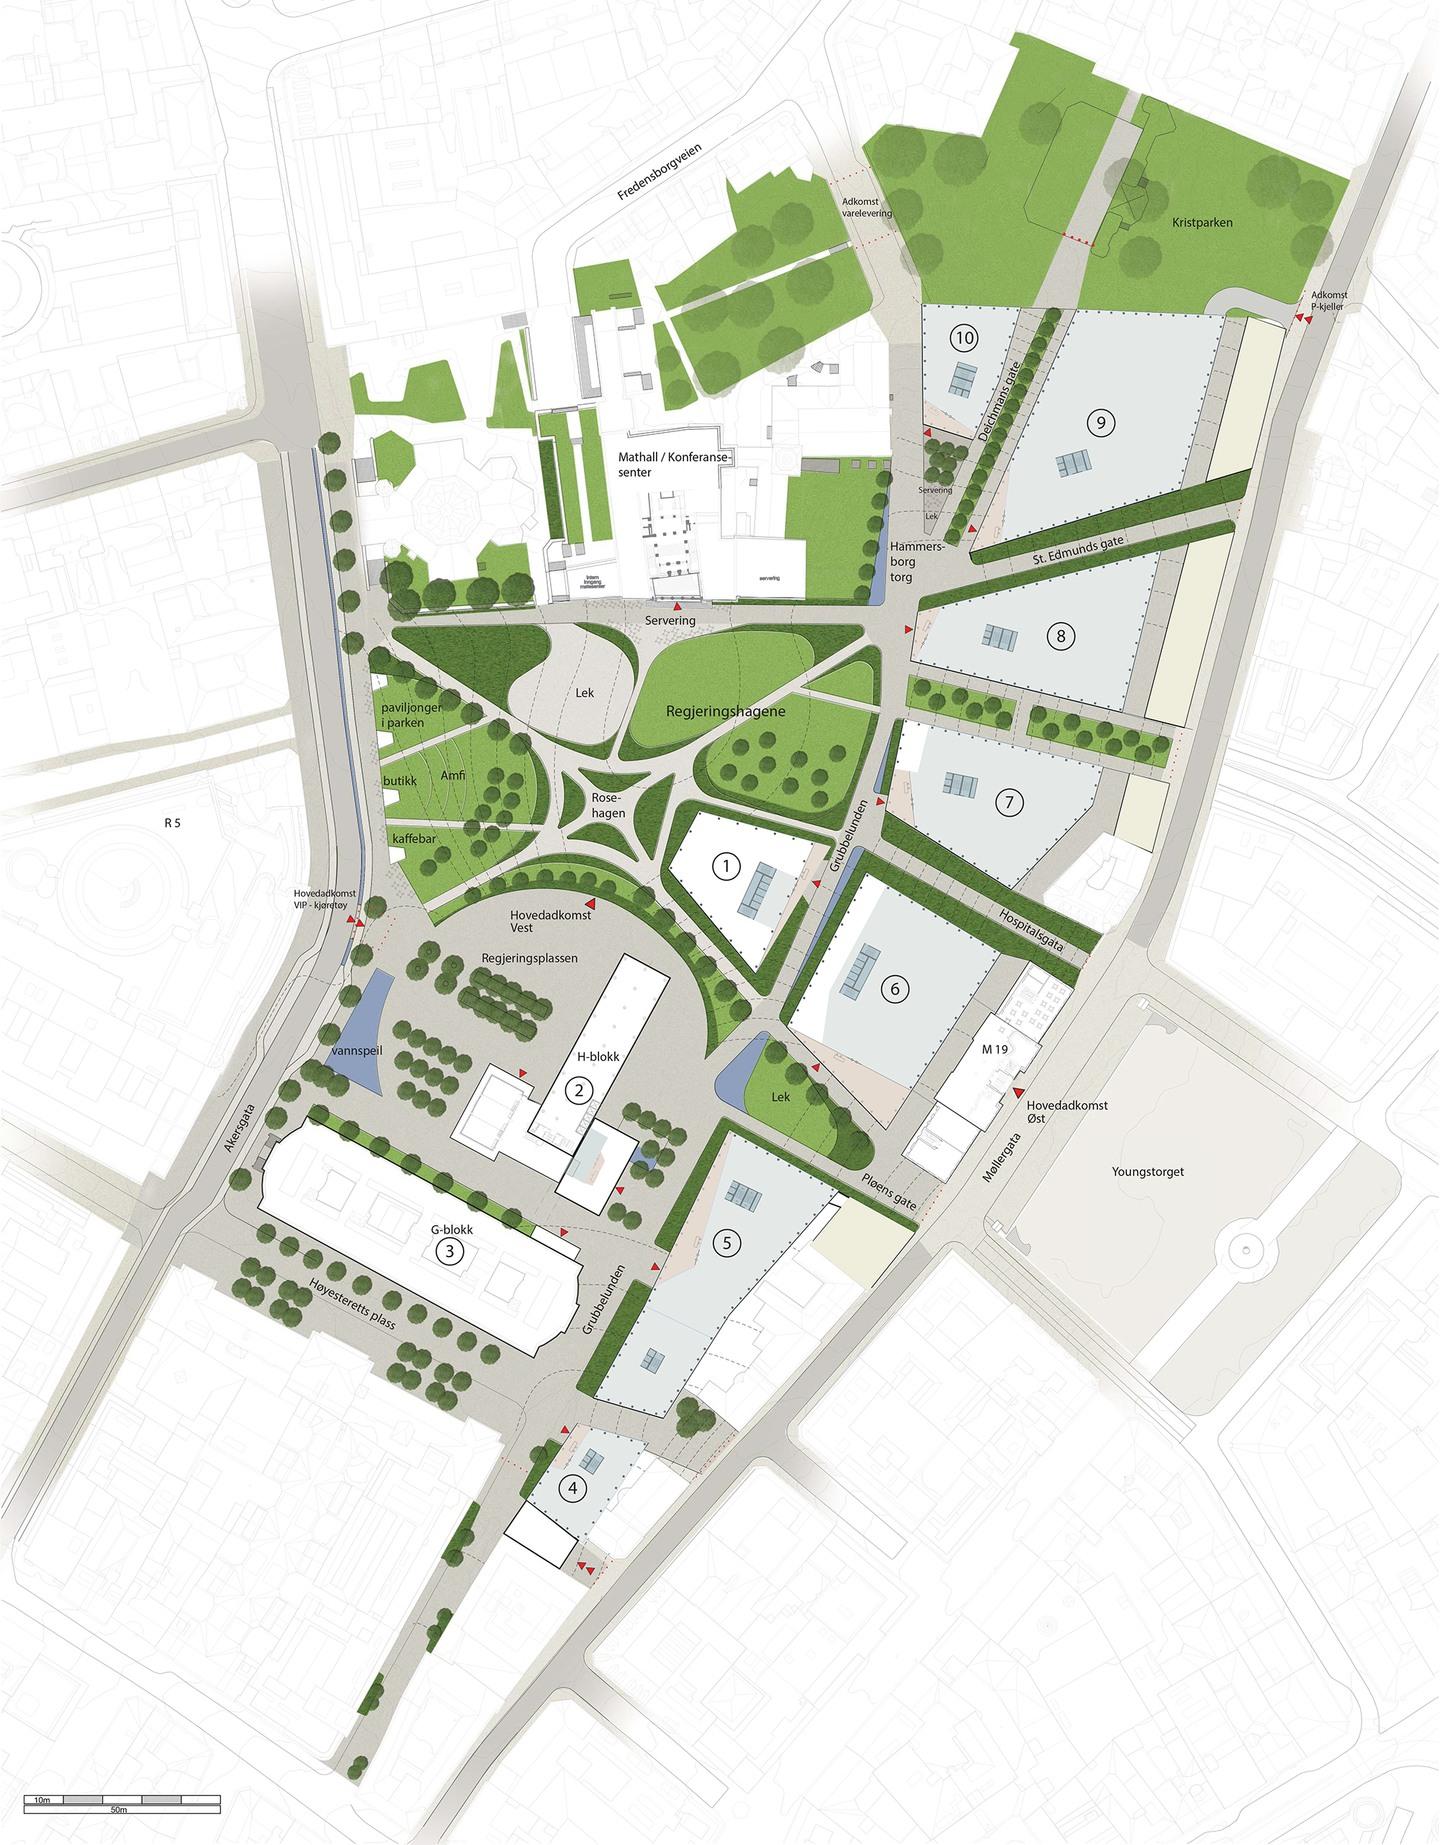 asplan viak kart Det nye regjeringskvartalet   Er det mulig å sikre en by mot  asplan viak kart